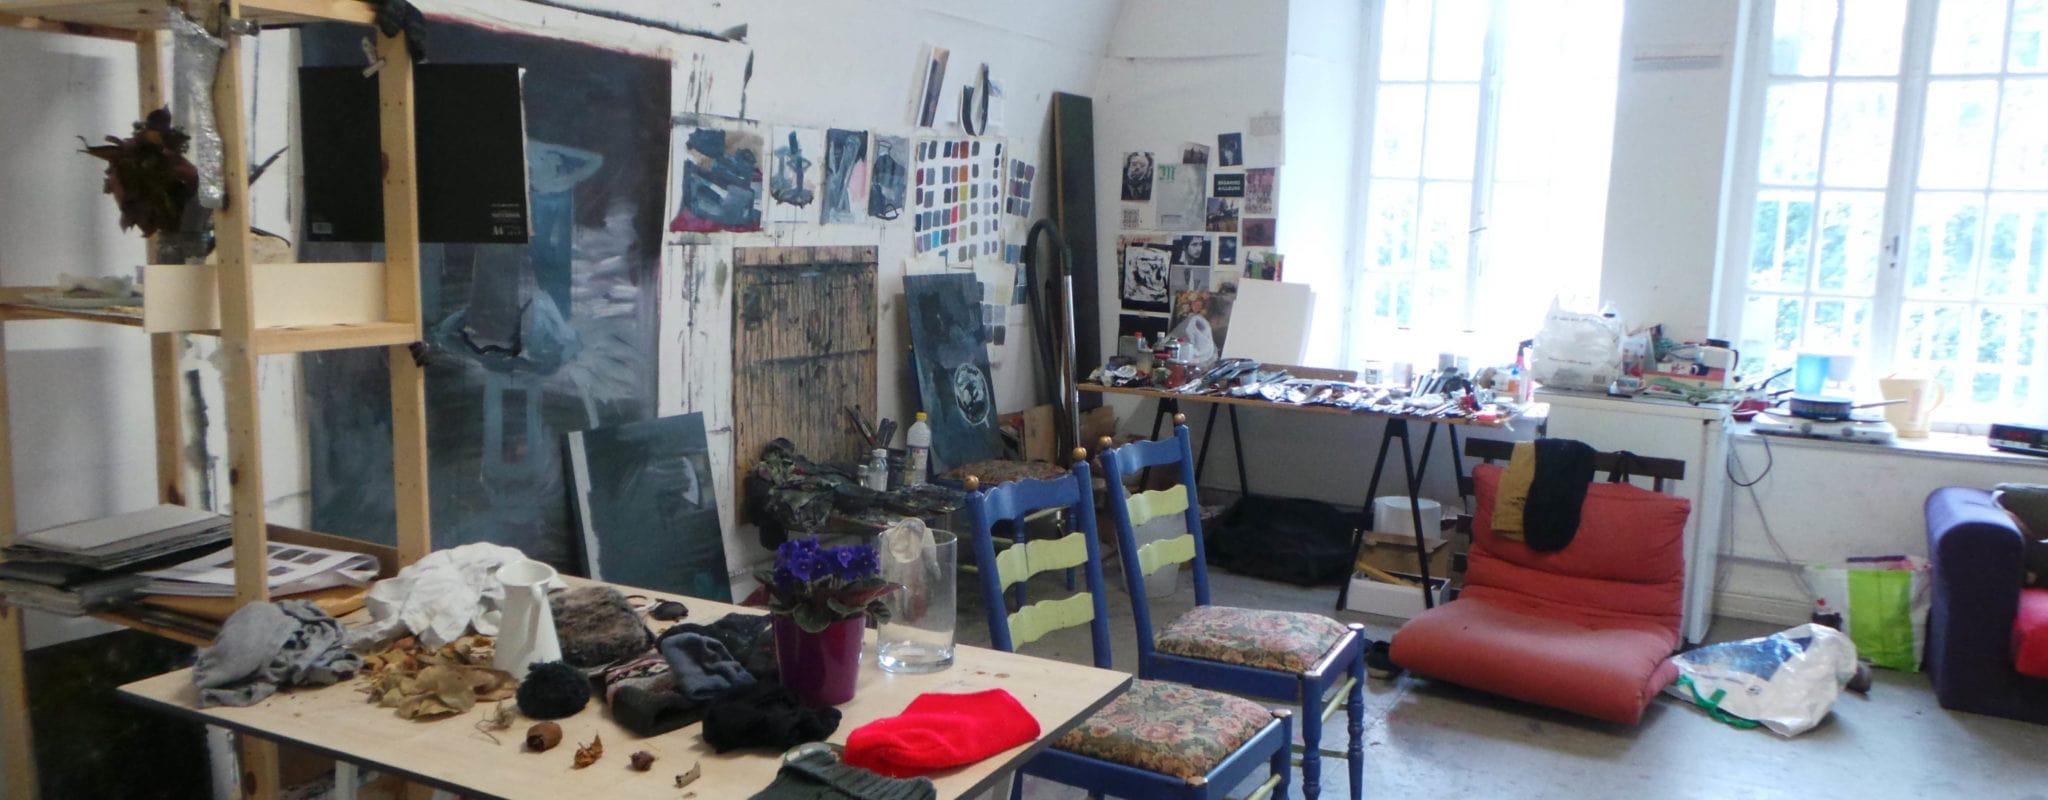 Une dizaine de nouveaux artistes s'installent au Bastion XIV